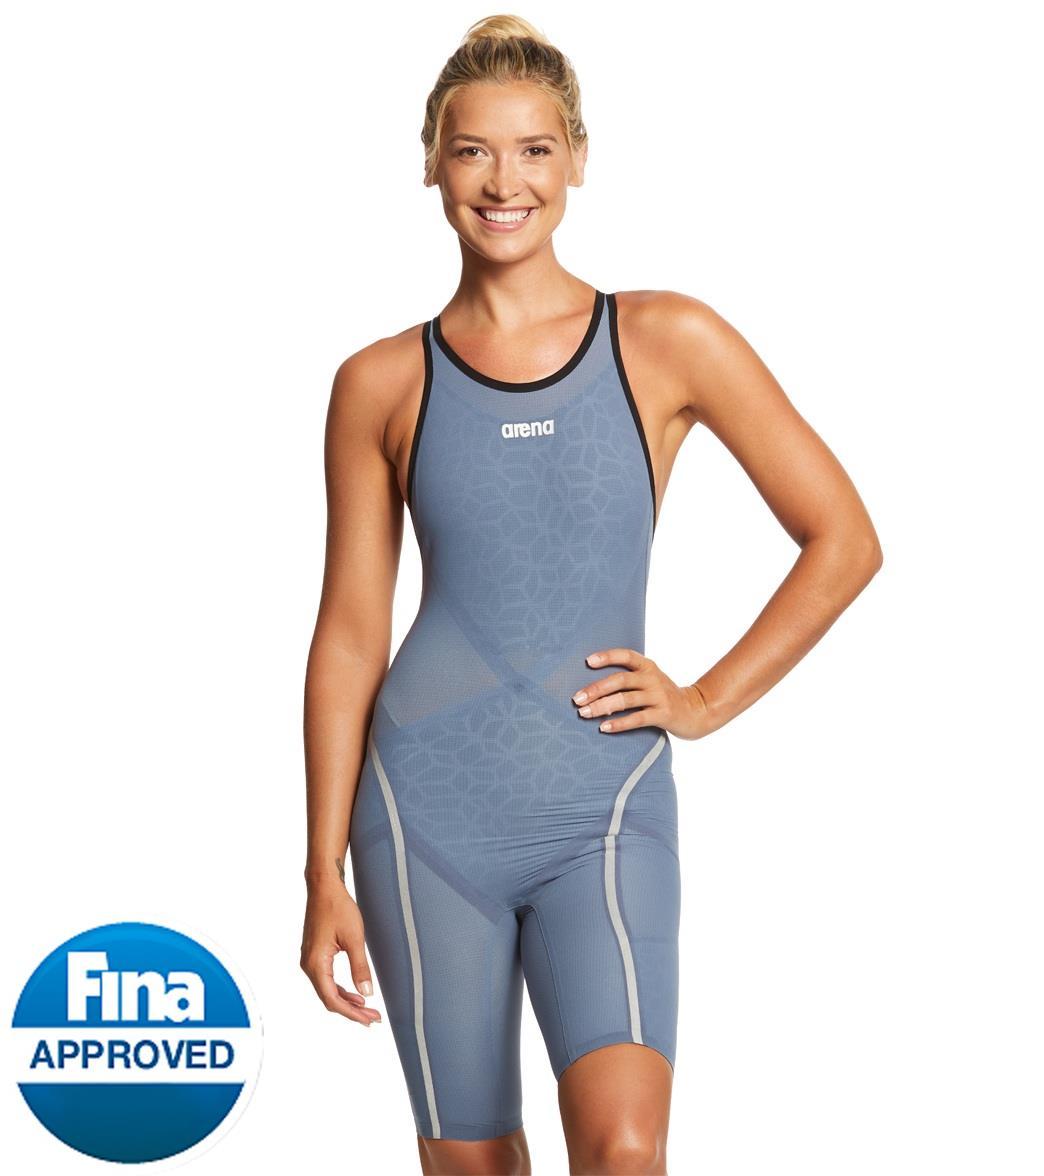 Arena Women's Powerskin Carbon Ultra Kneeskin Tech Suit Swimsuit